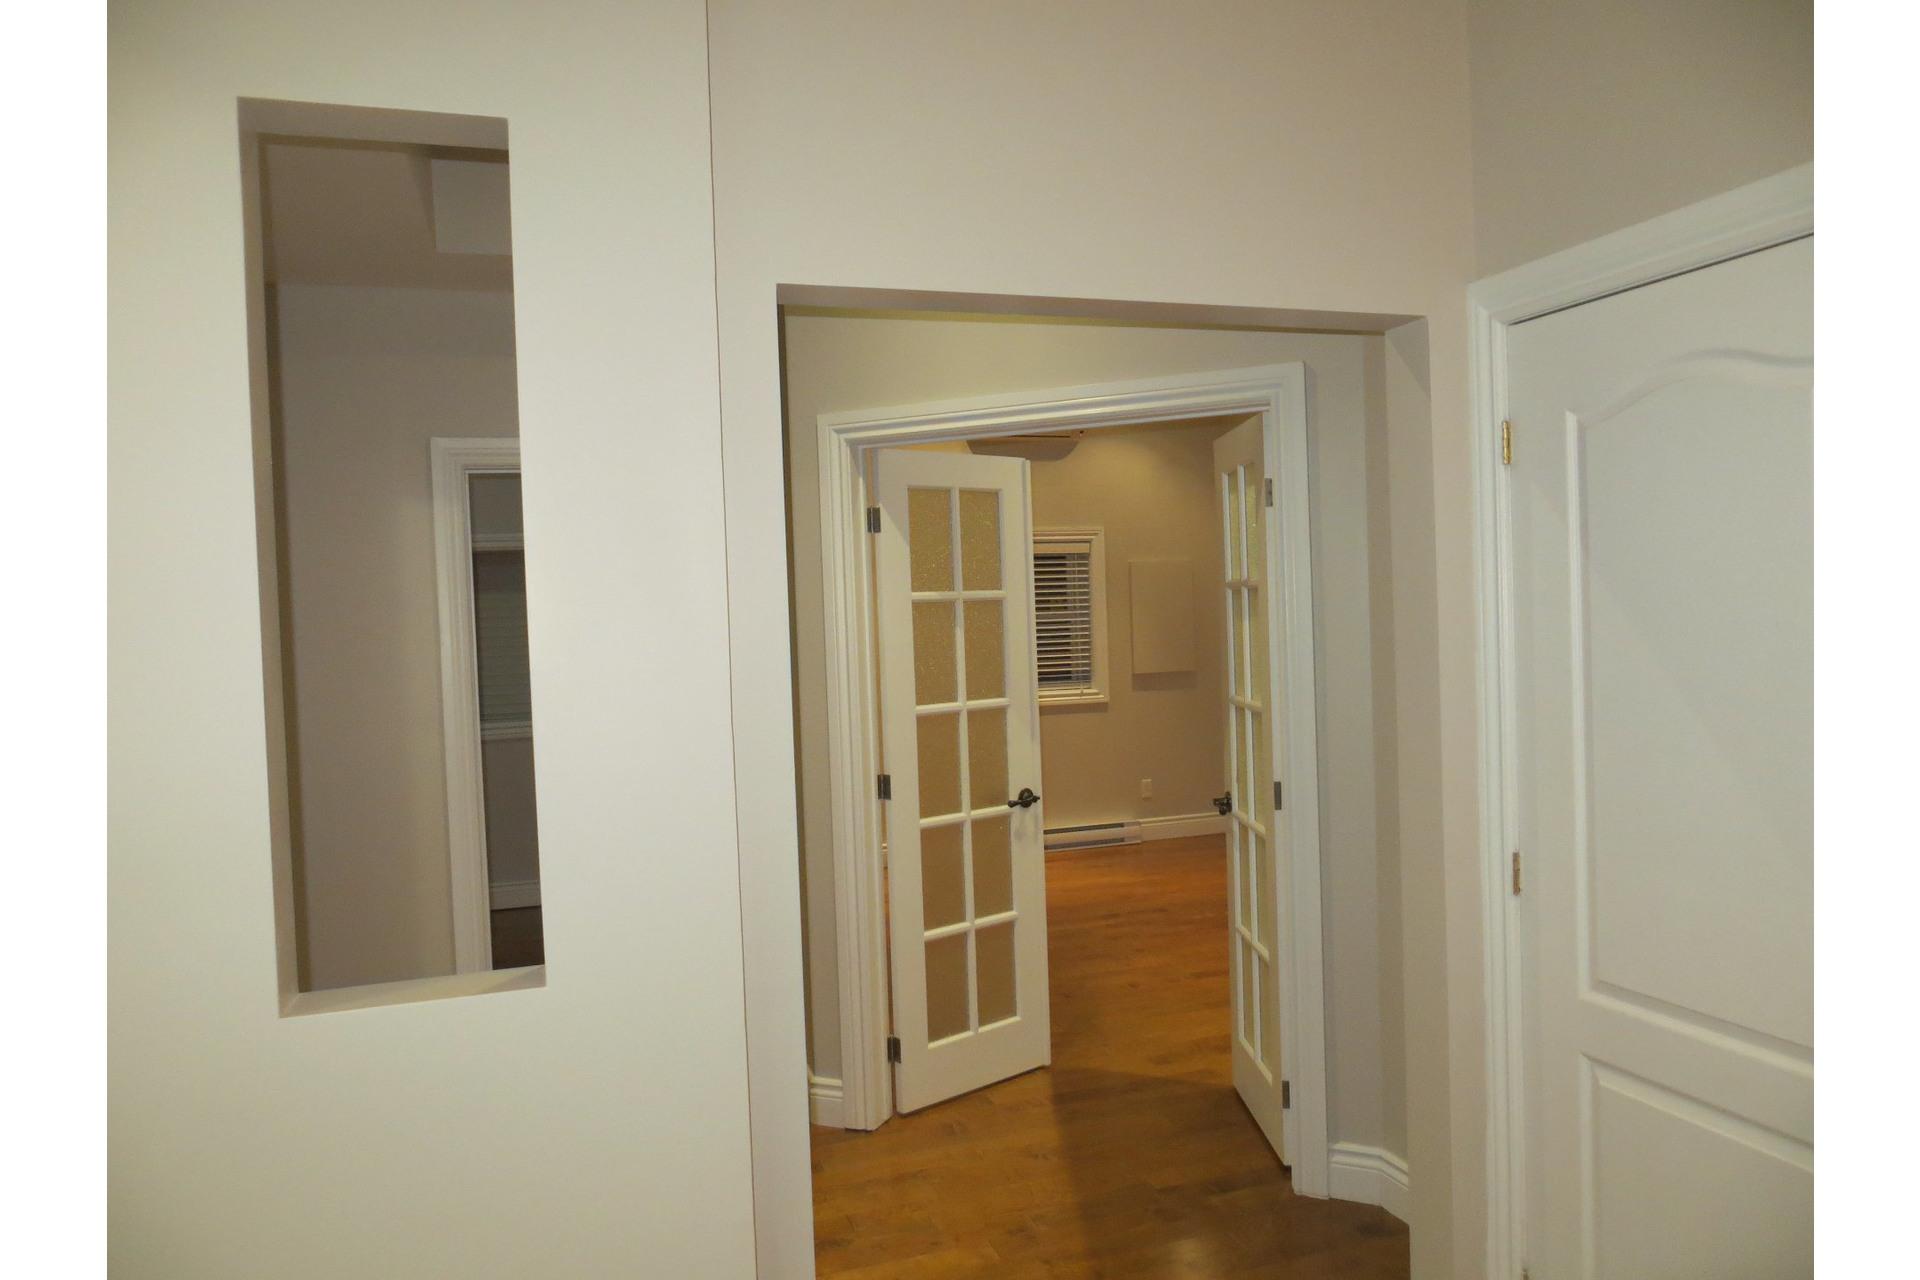 image 26 - Apartment For sale Côte-des-Neiges/Notre-Dame-de-Grâce Montréal  - 6 rooms